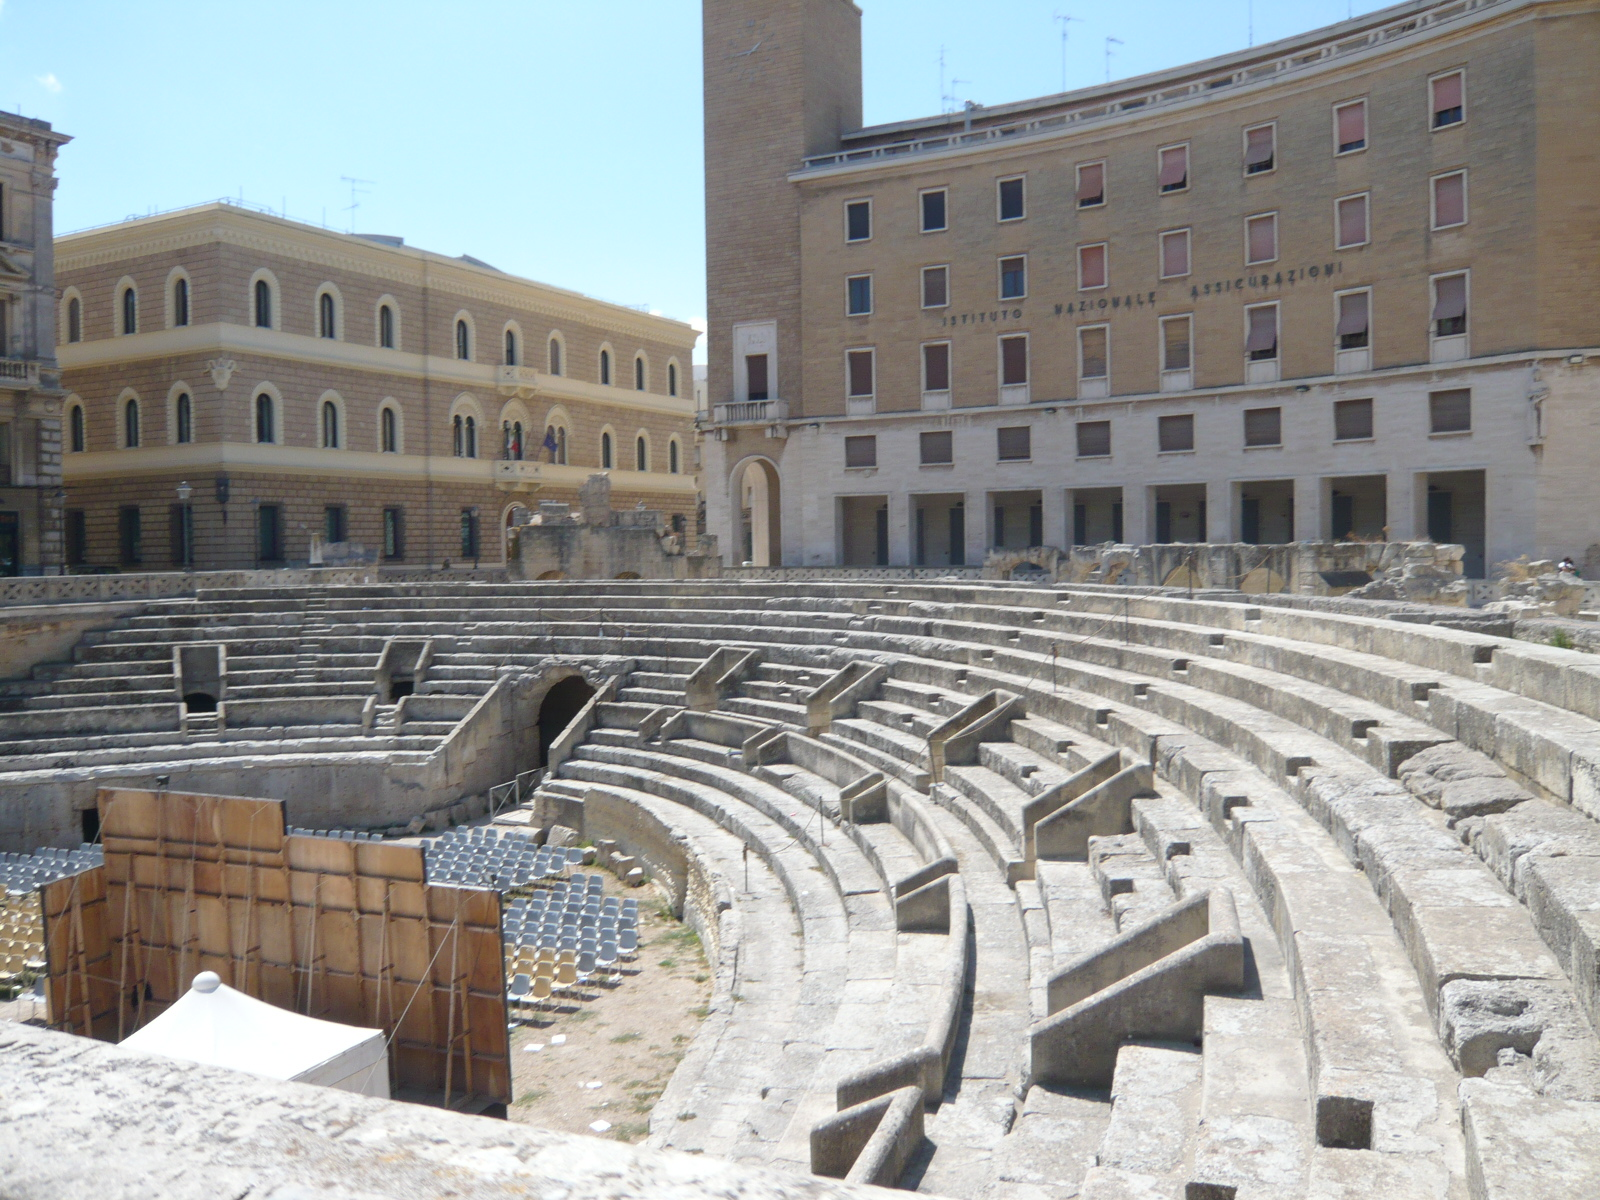 piazza santoronzo lecce storia damore - photo#40